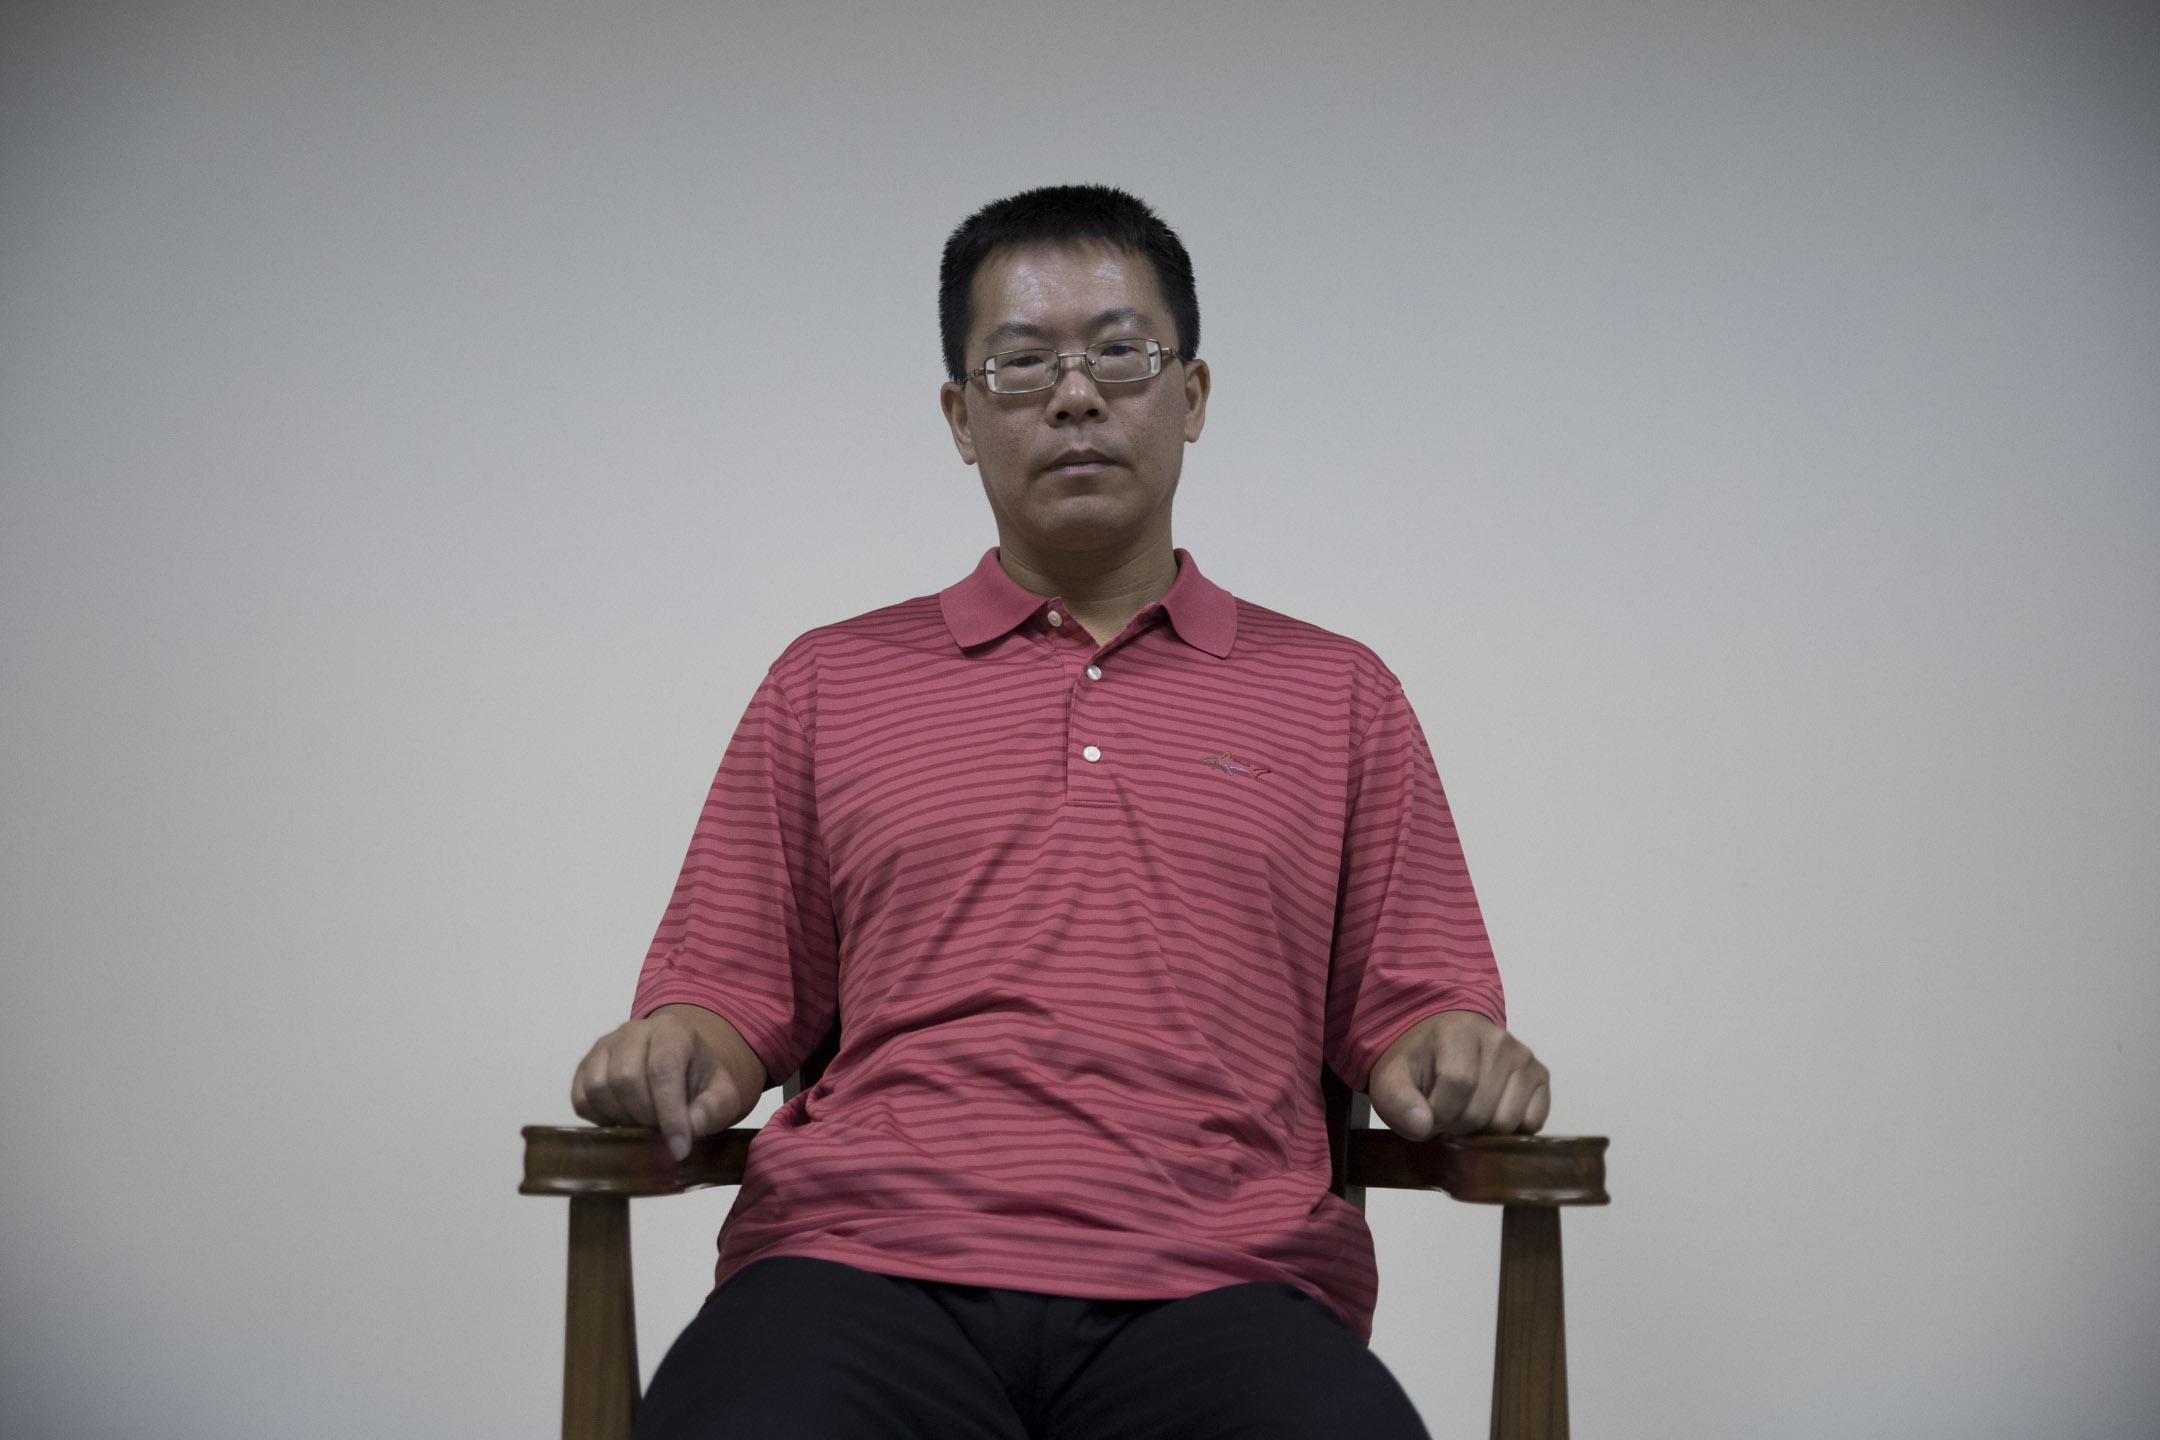 四年前的六四維園燭光晚會,滕彪當時還是中國政法大學法律系教授,也是執業律師。他不顧先前國保的警告,現身發表演說。台上一句「退無可退」,說的是香港,也預告了自己日後的人生。 攝:蕭茜晴/端傳媒